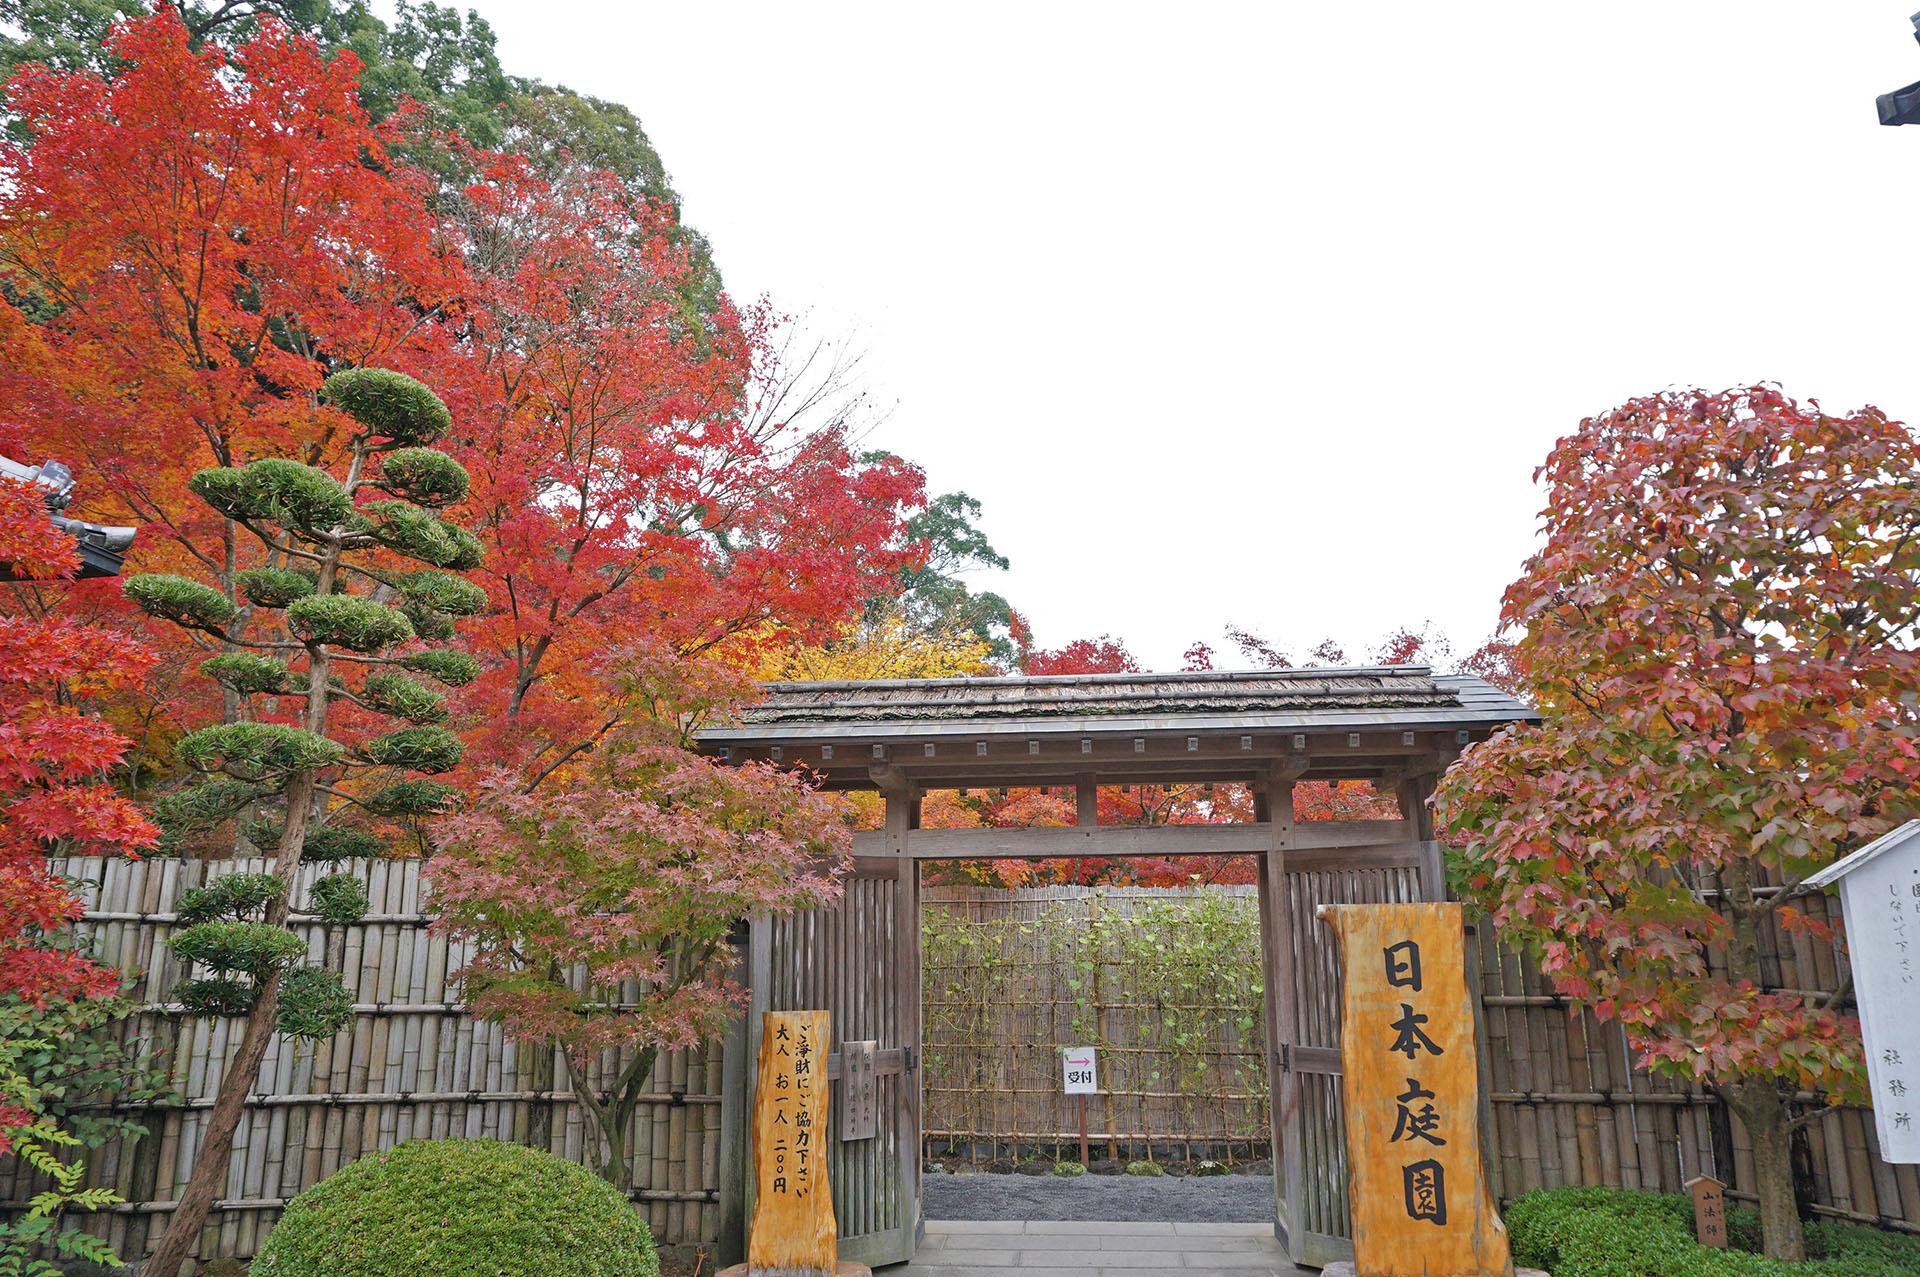 祐徳稲荷神社日本庭園の入り口